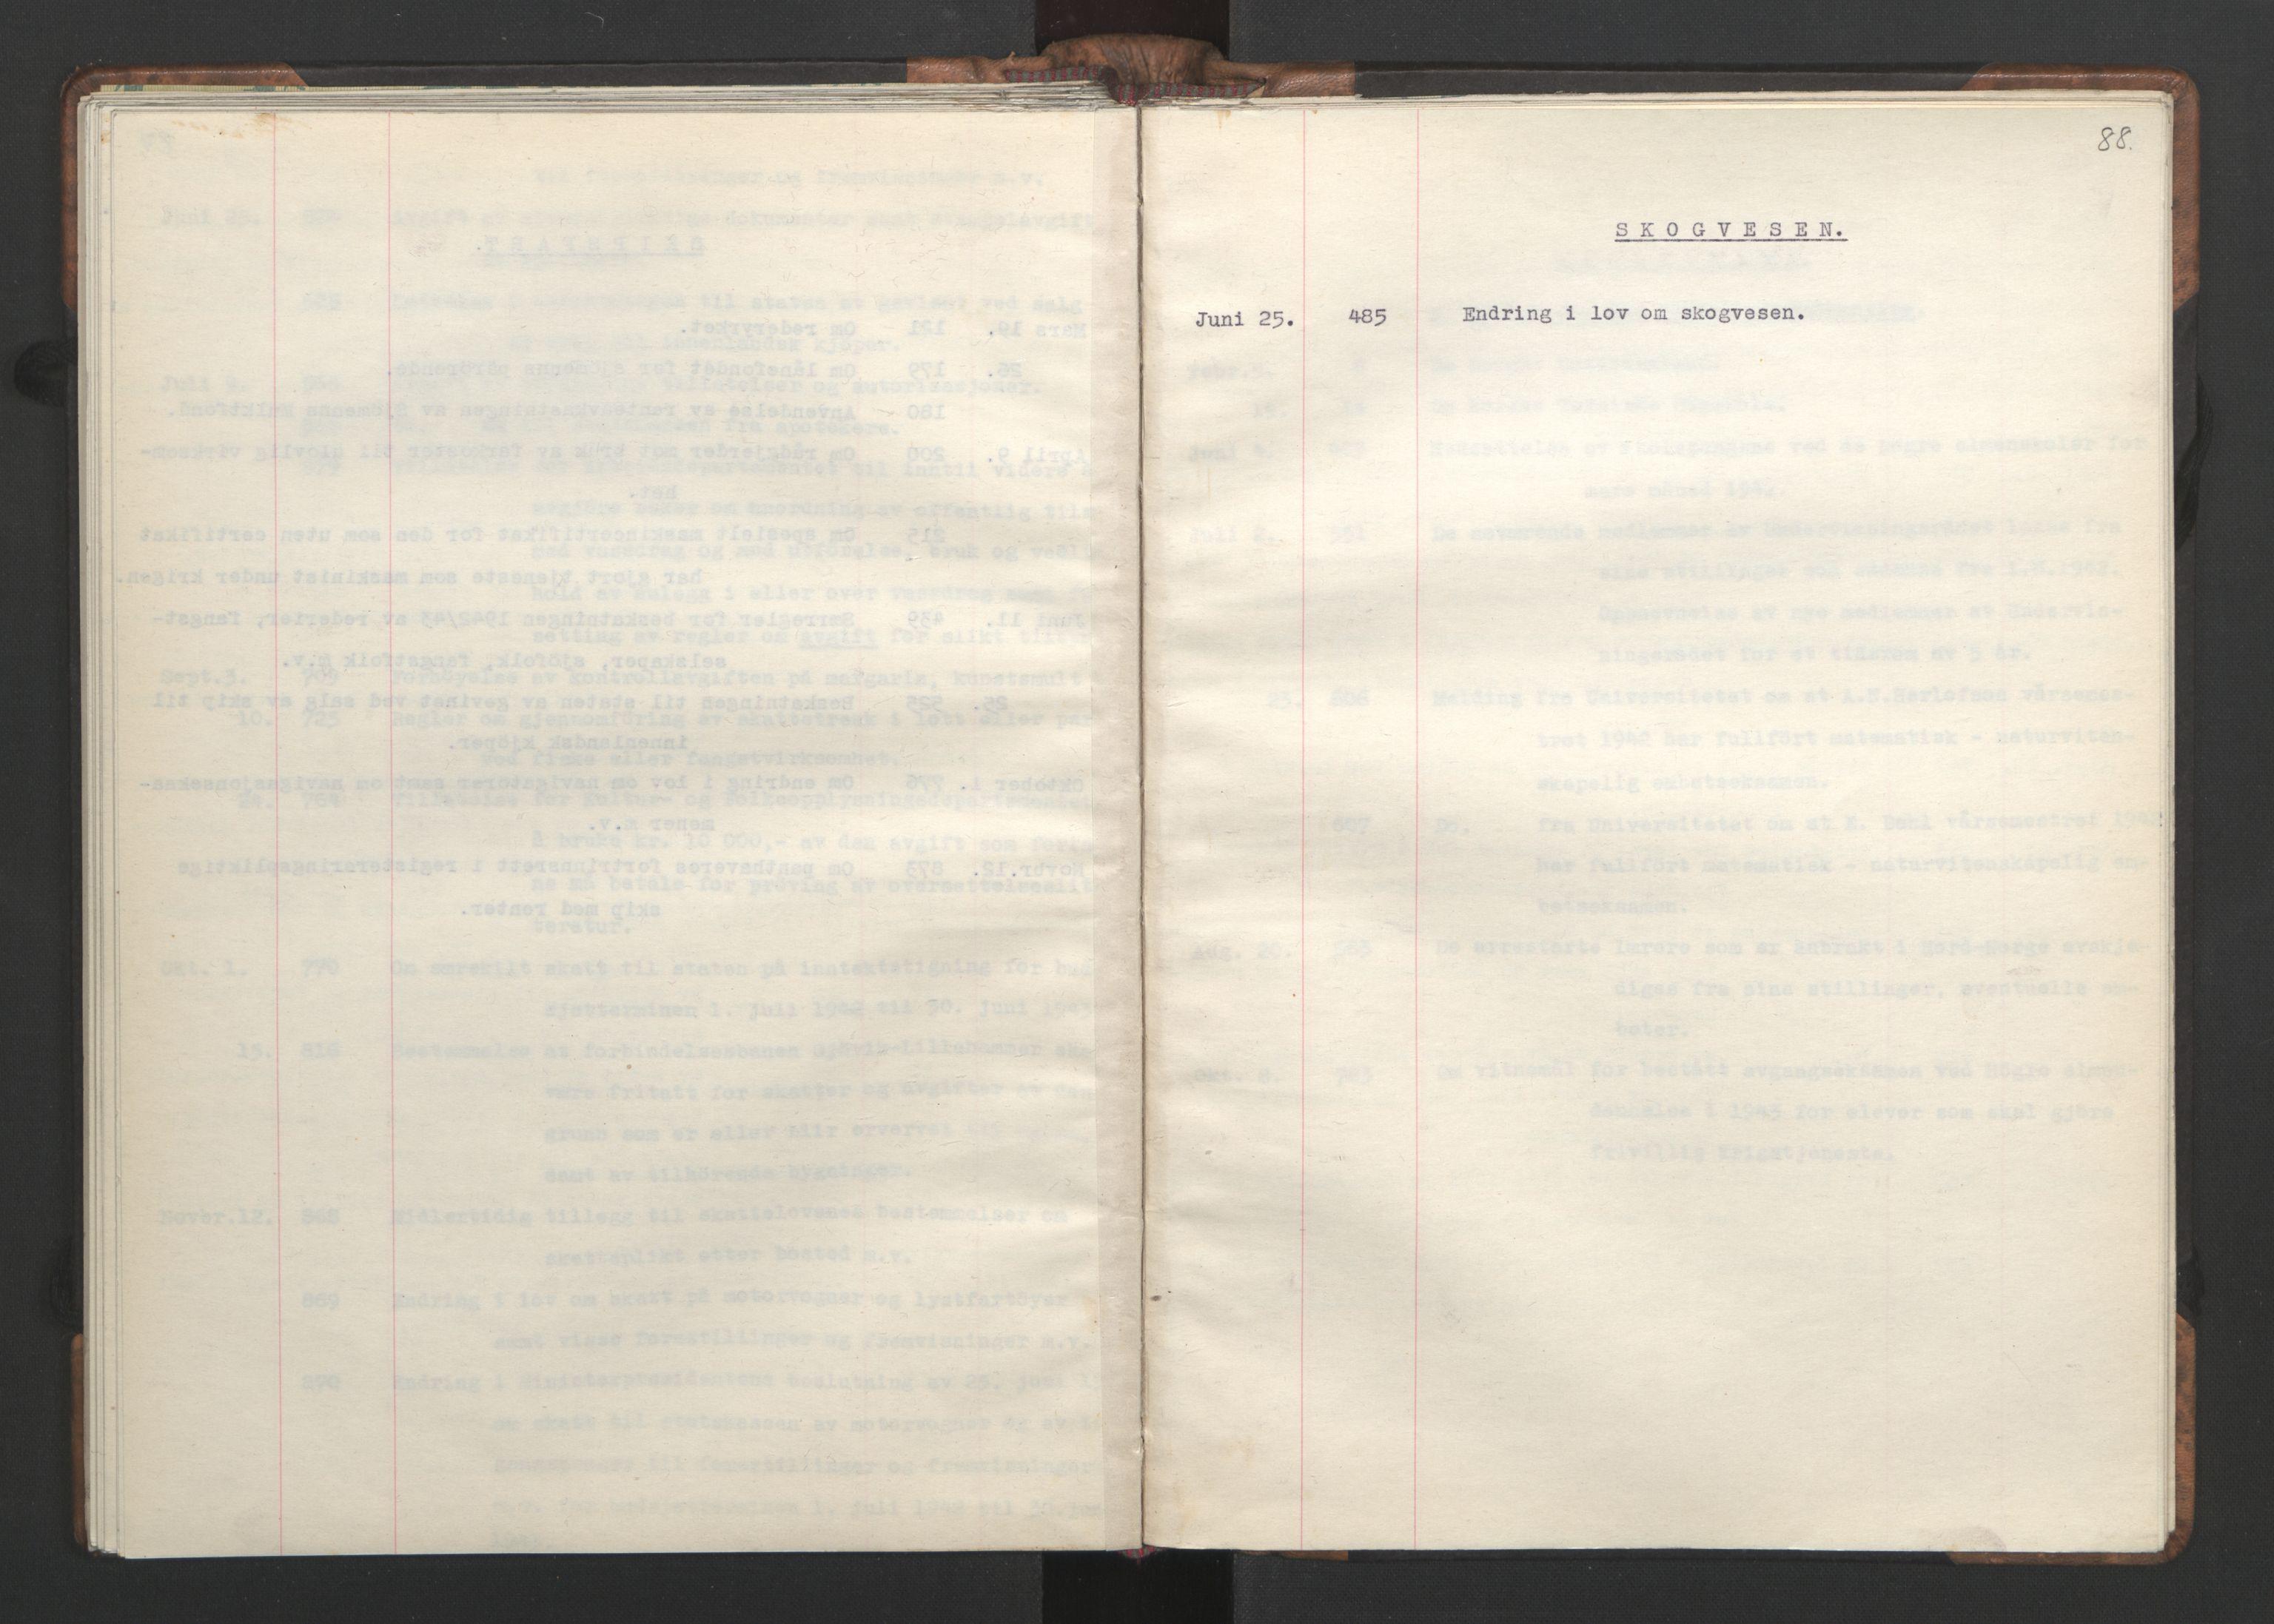 RA, NS-administrasjonen 1940-1945 (Statsrådsekretariatet, de kommisariske statsråder mm), D/Da/L0002: Register (RA j.nr. 985/1943, tilgangsnr. 17/1943), 1942, s. 87b-88a